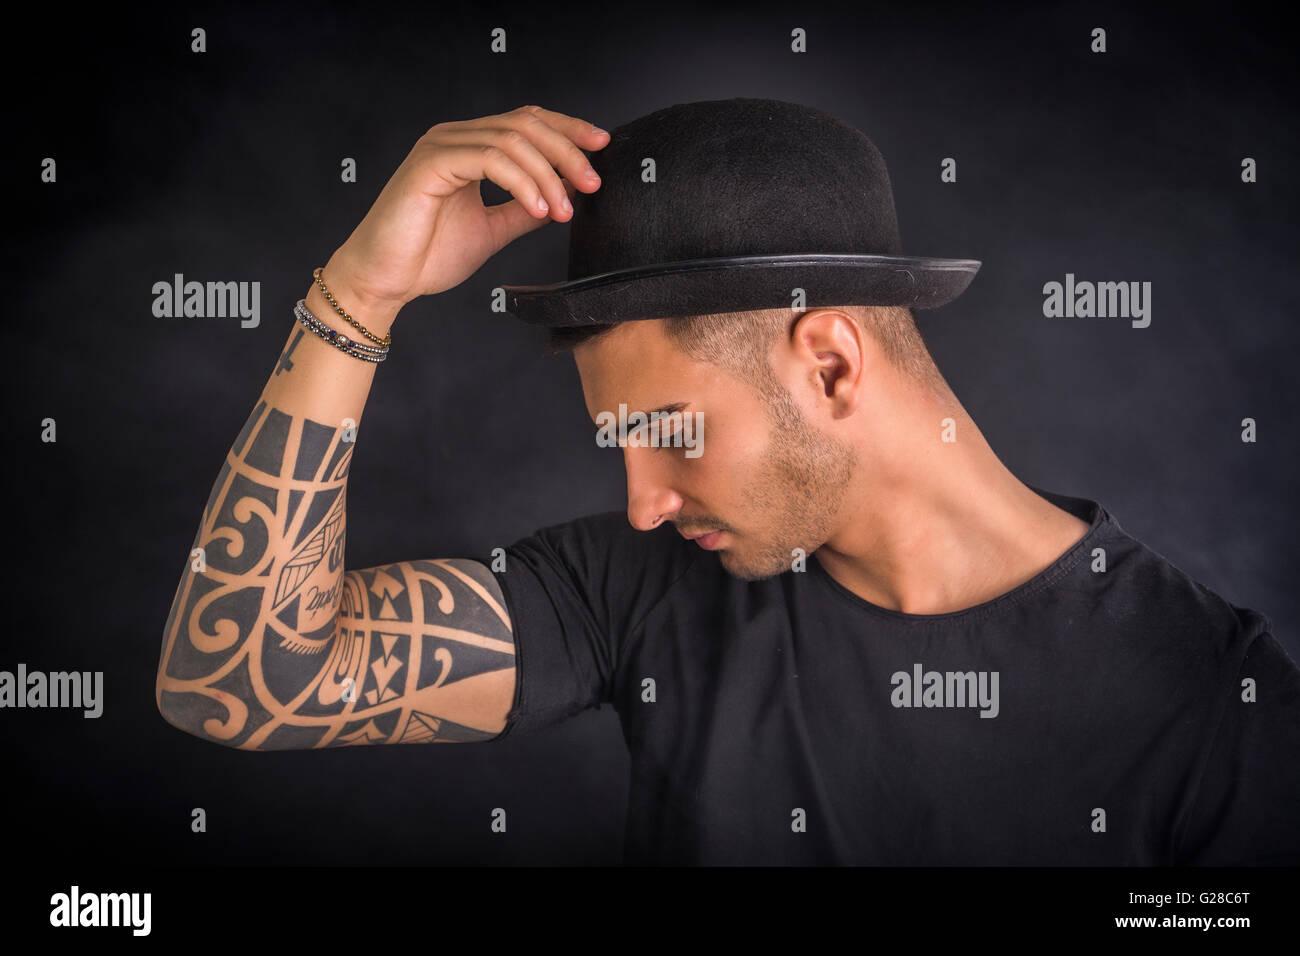 0b2131bc9374b Beau et élégant jeune homme avec chapeau melon noir et t-shirt. Tatouages  frais sur les armes, le profil Voir